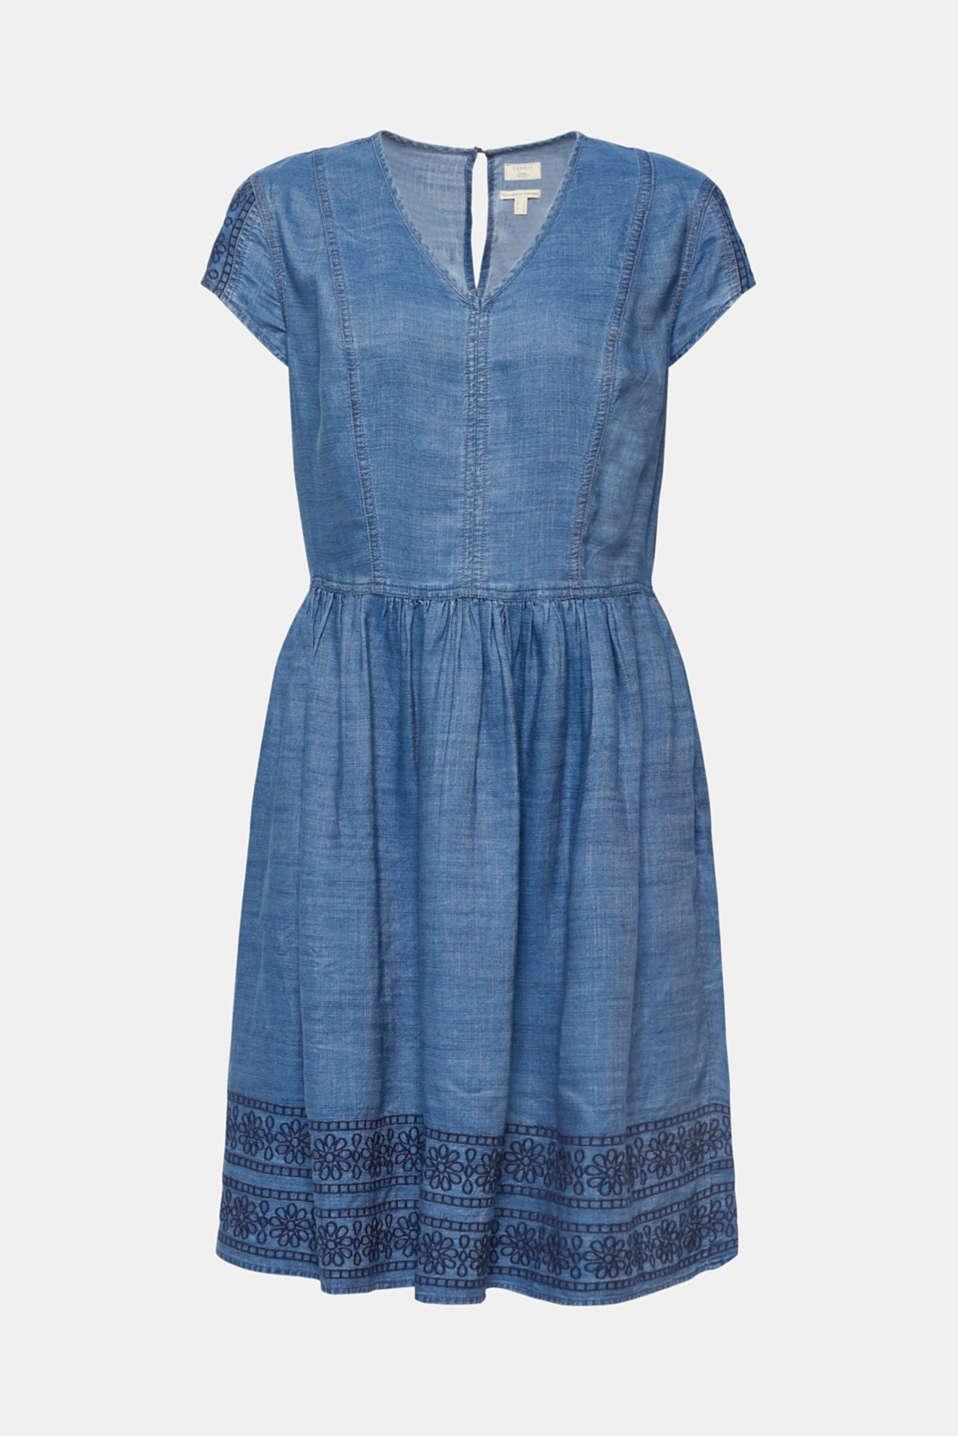 Dresses denim, BLUE MEDIUM WASH, detail image number 7